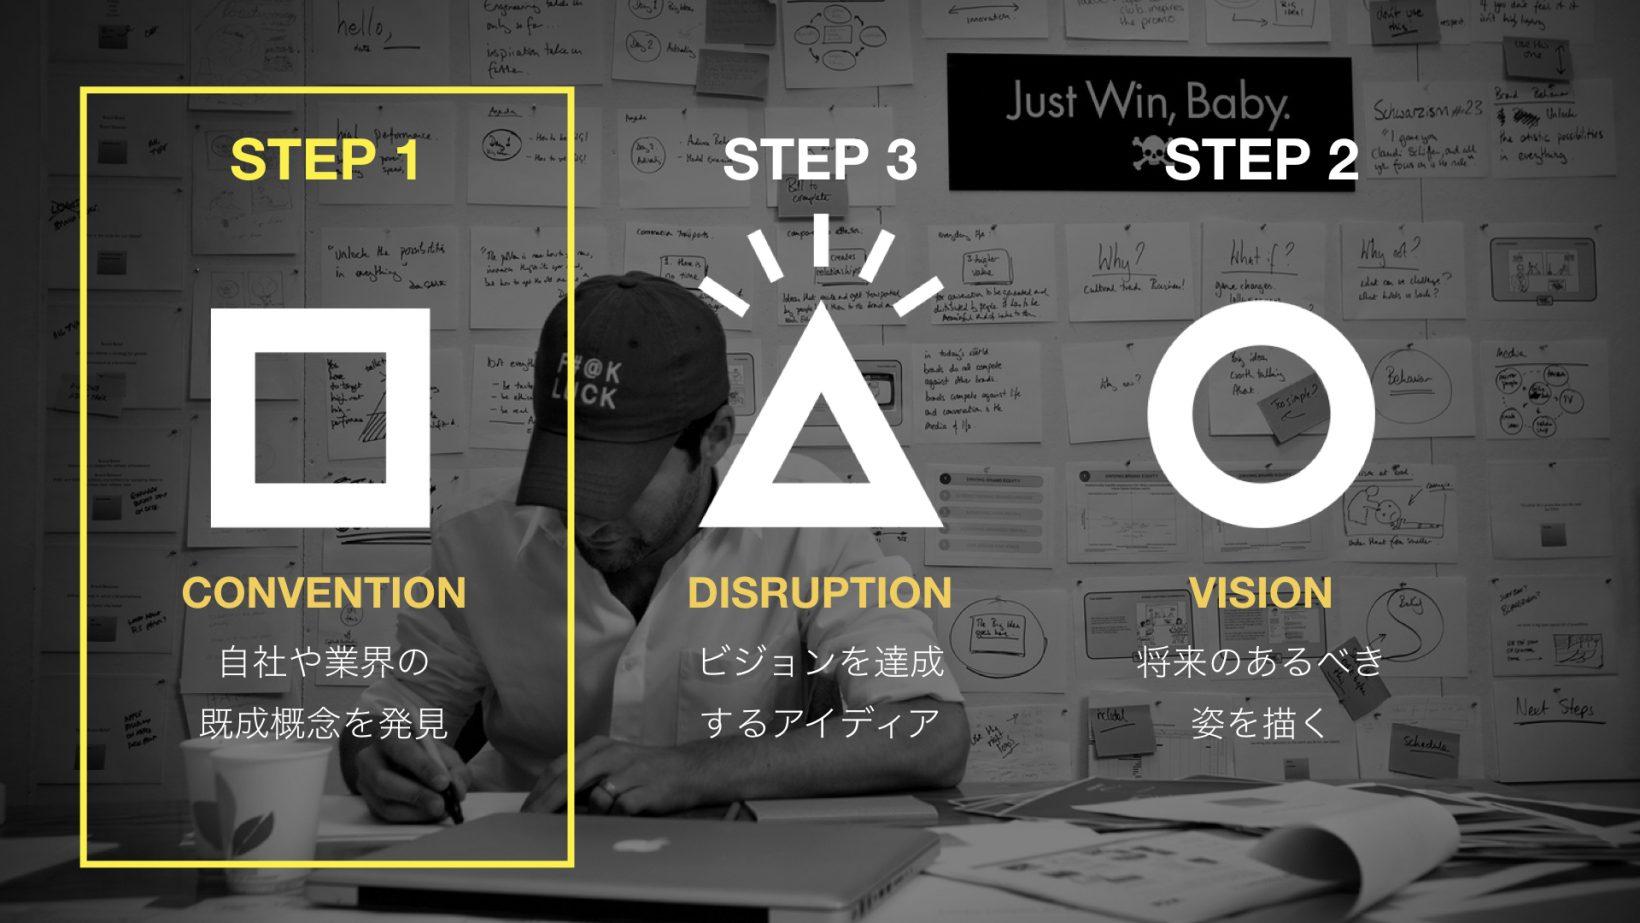 「コンベンション・ハンティング」壊す常識を見つけ破壊的アイデアを生む第一歩@汐留シティセンター